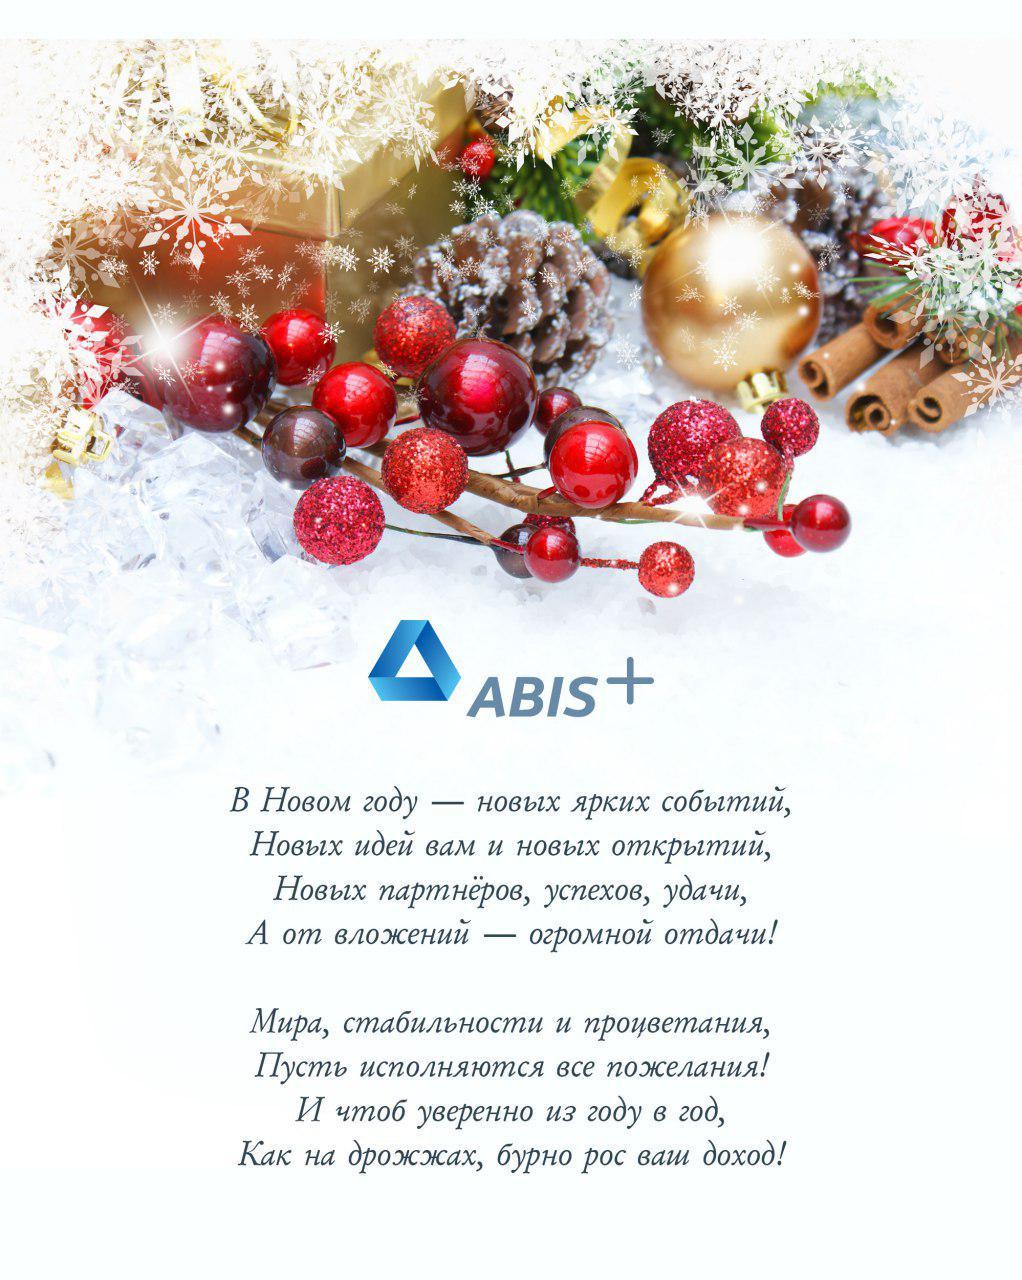 С новым годом от компании Абис +